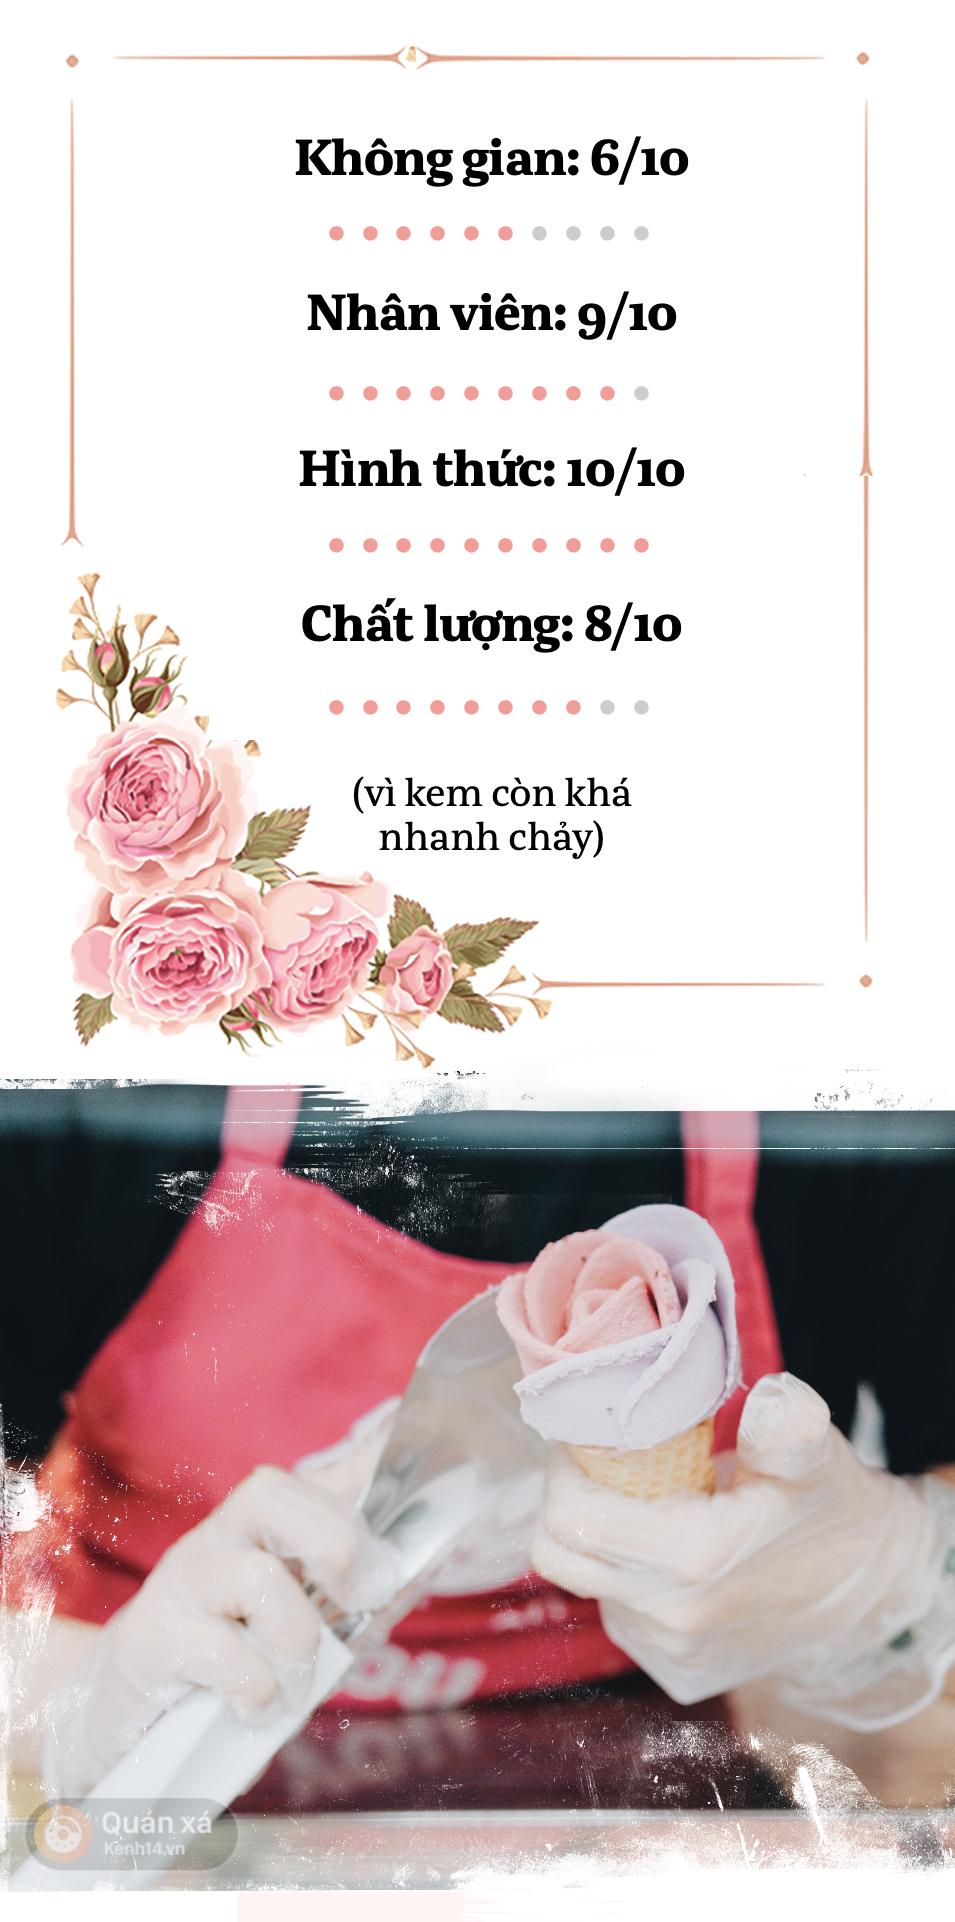 Sài Gòn: Đi thử ngay món kem hoa hồng đang khiến cư dân mạng thế giới sốt xình xịch - Ảnh 16.